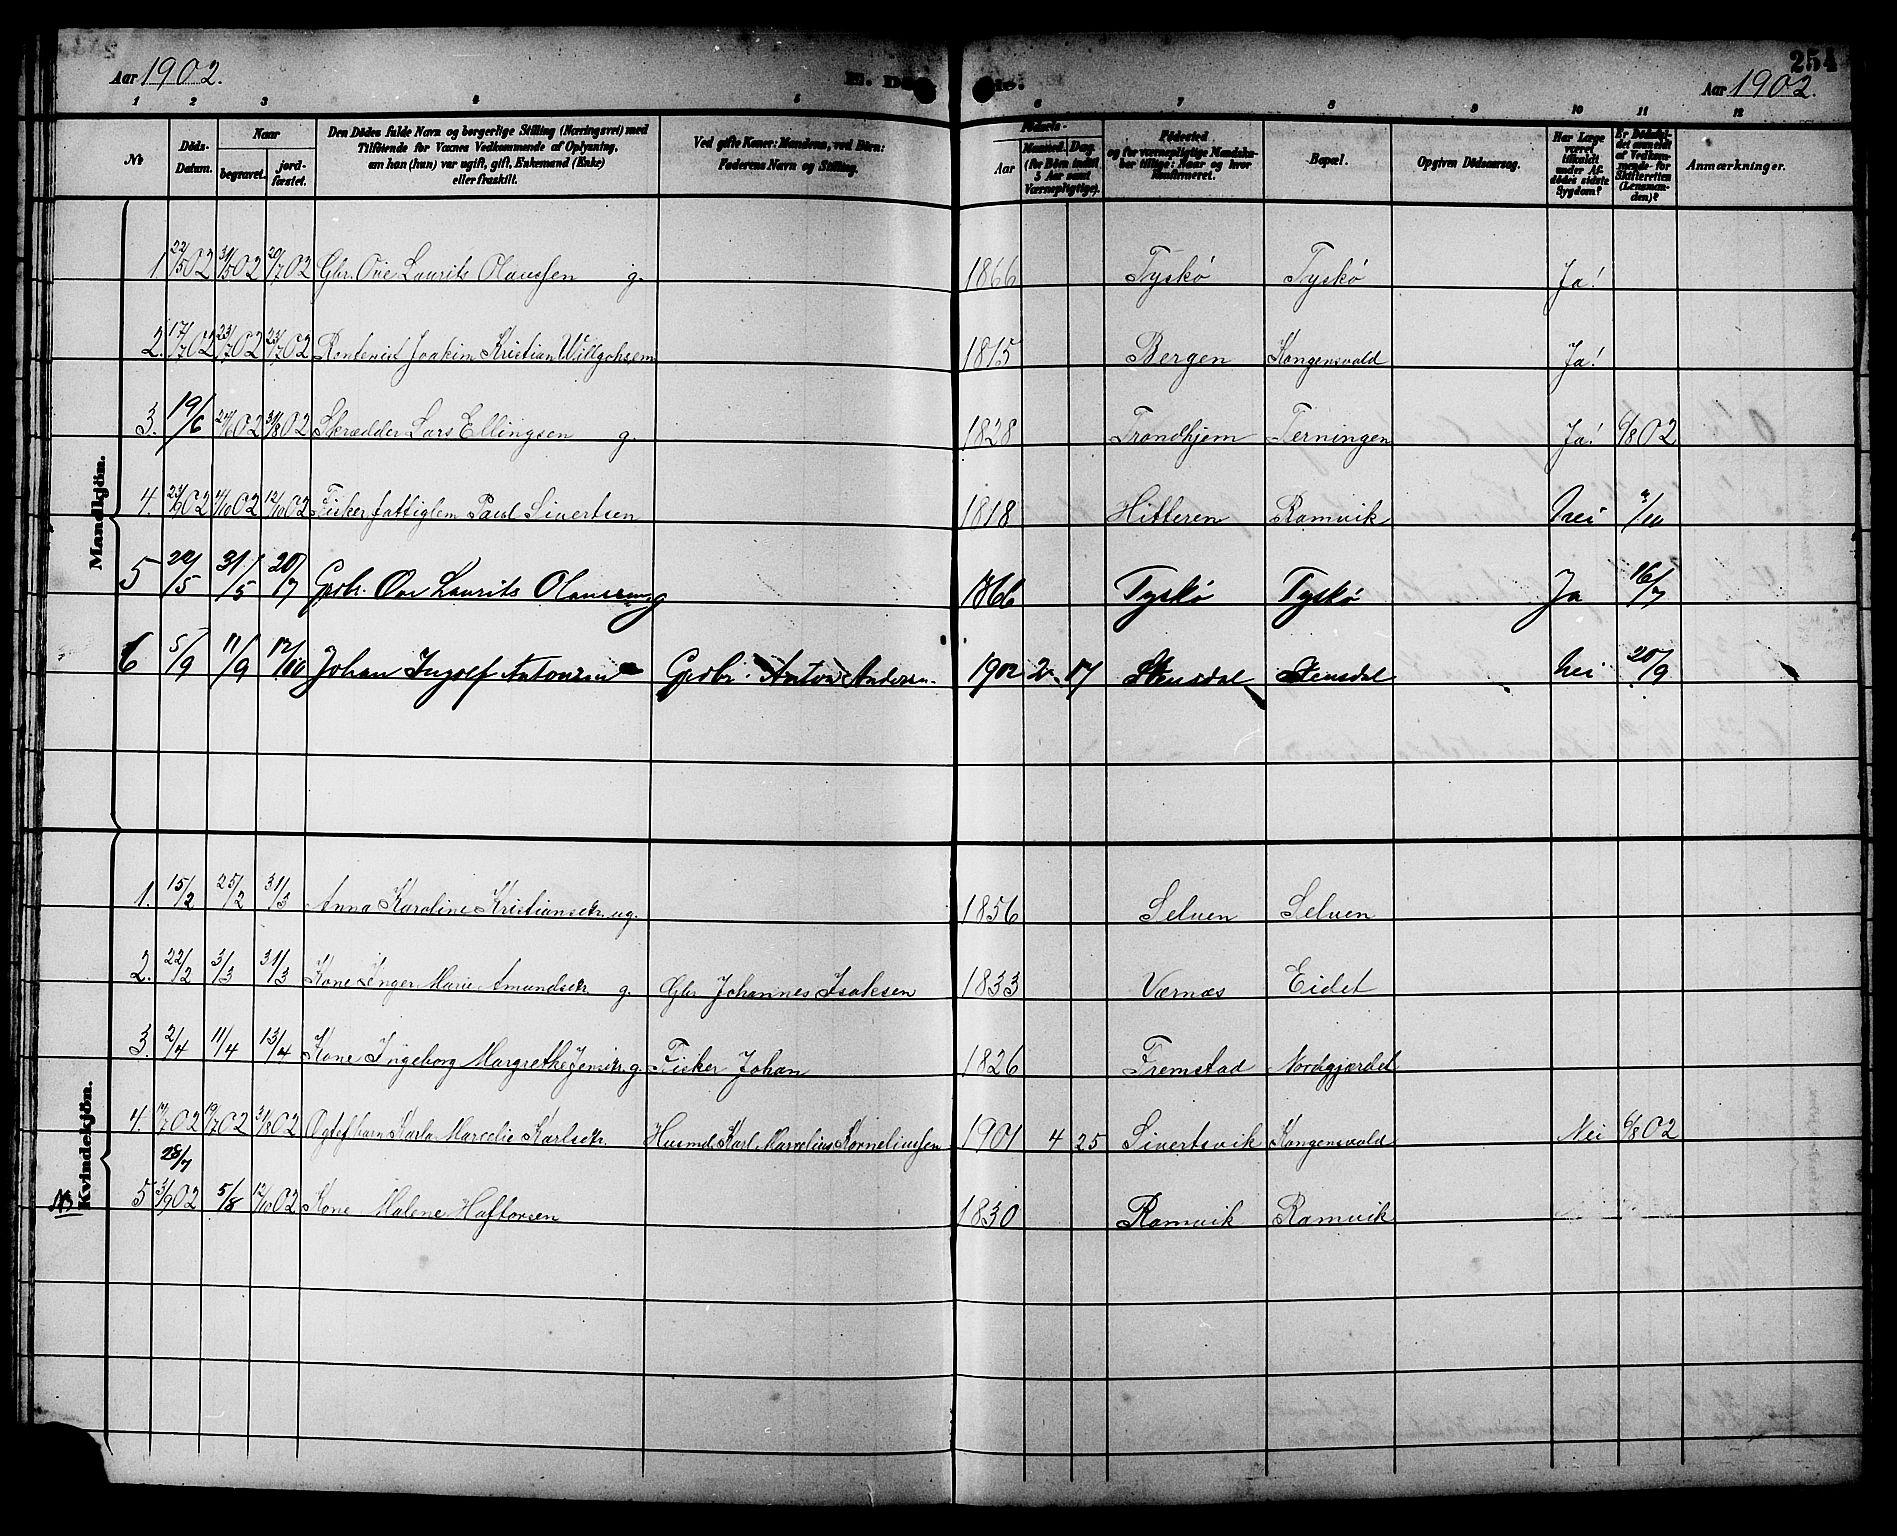 SAT, Ministerialprotokoller, klokkerbøker og fødselsregistre - Sør-Trøndelag, 662/L0757: Klokkerbok nr. 662C02, 1892-1918, s. 254